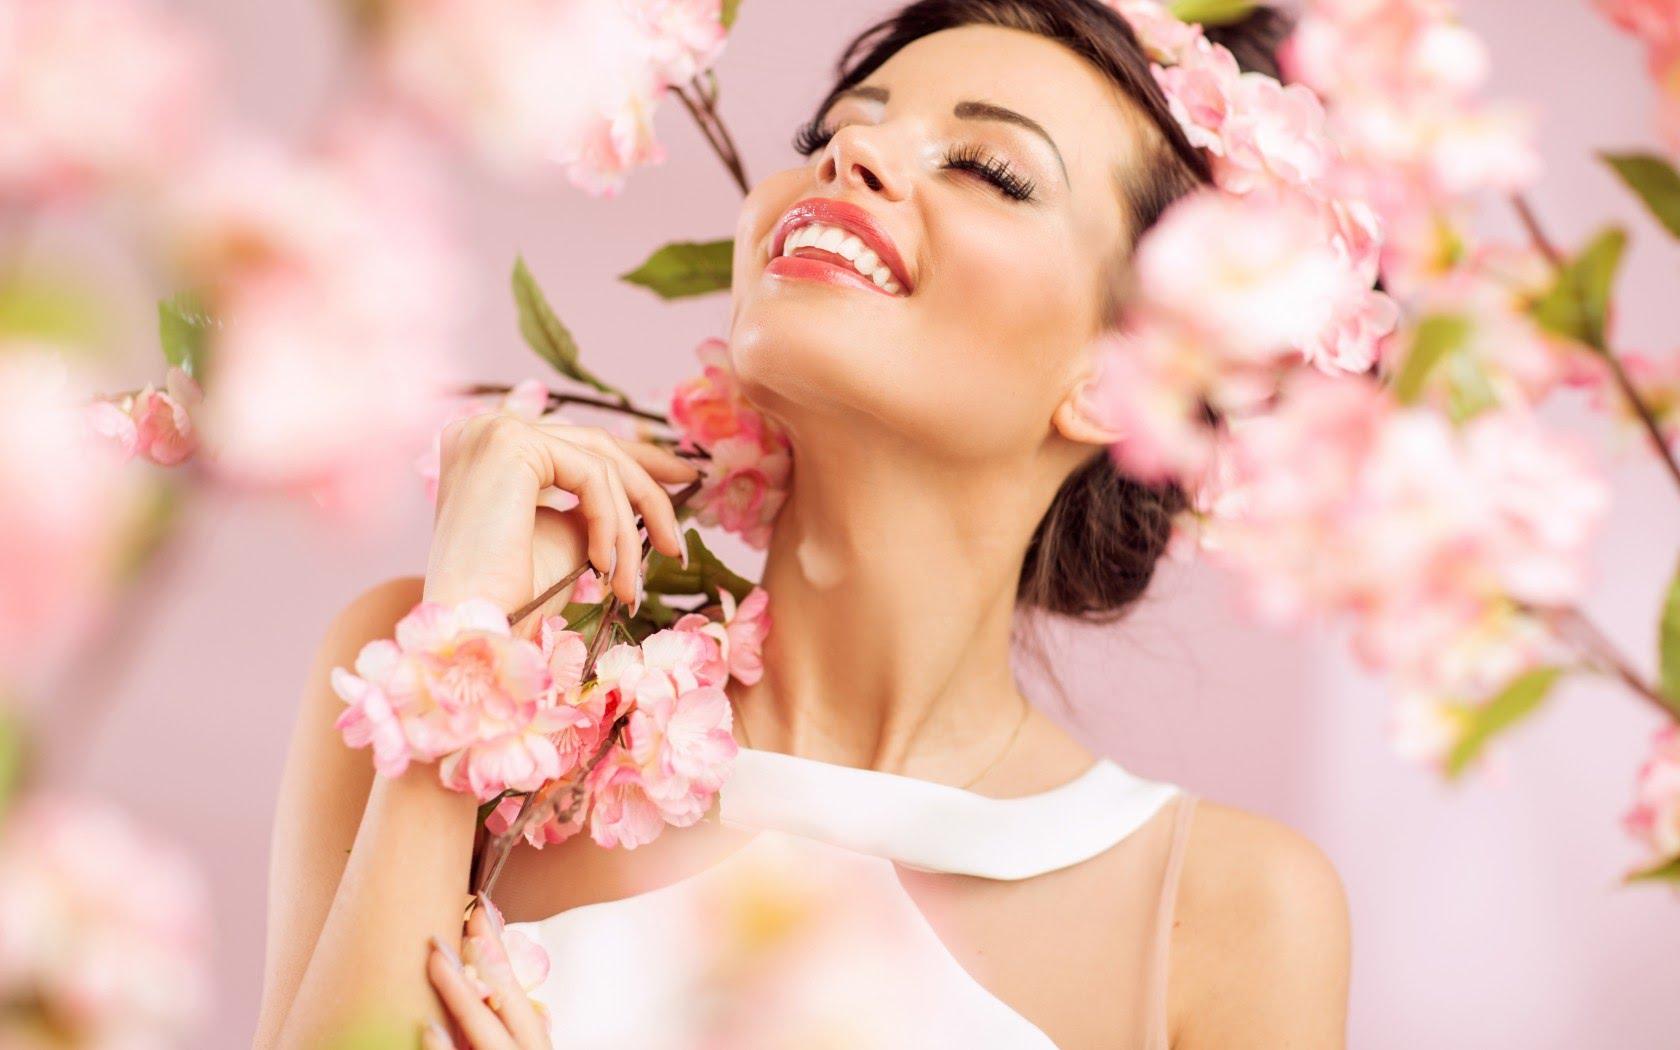 Способы заботы о красоте от женщин